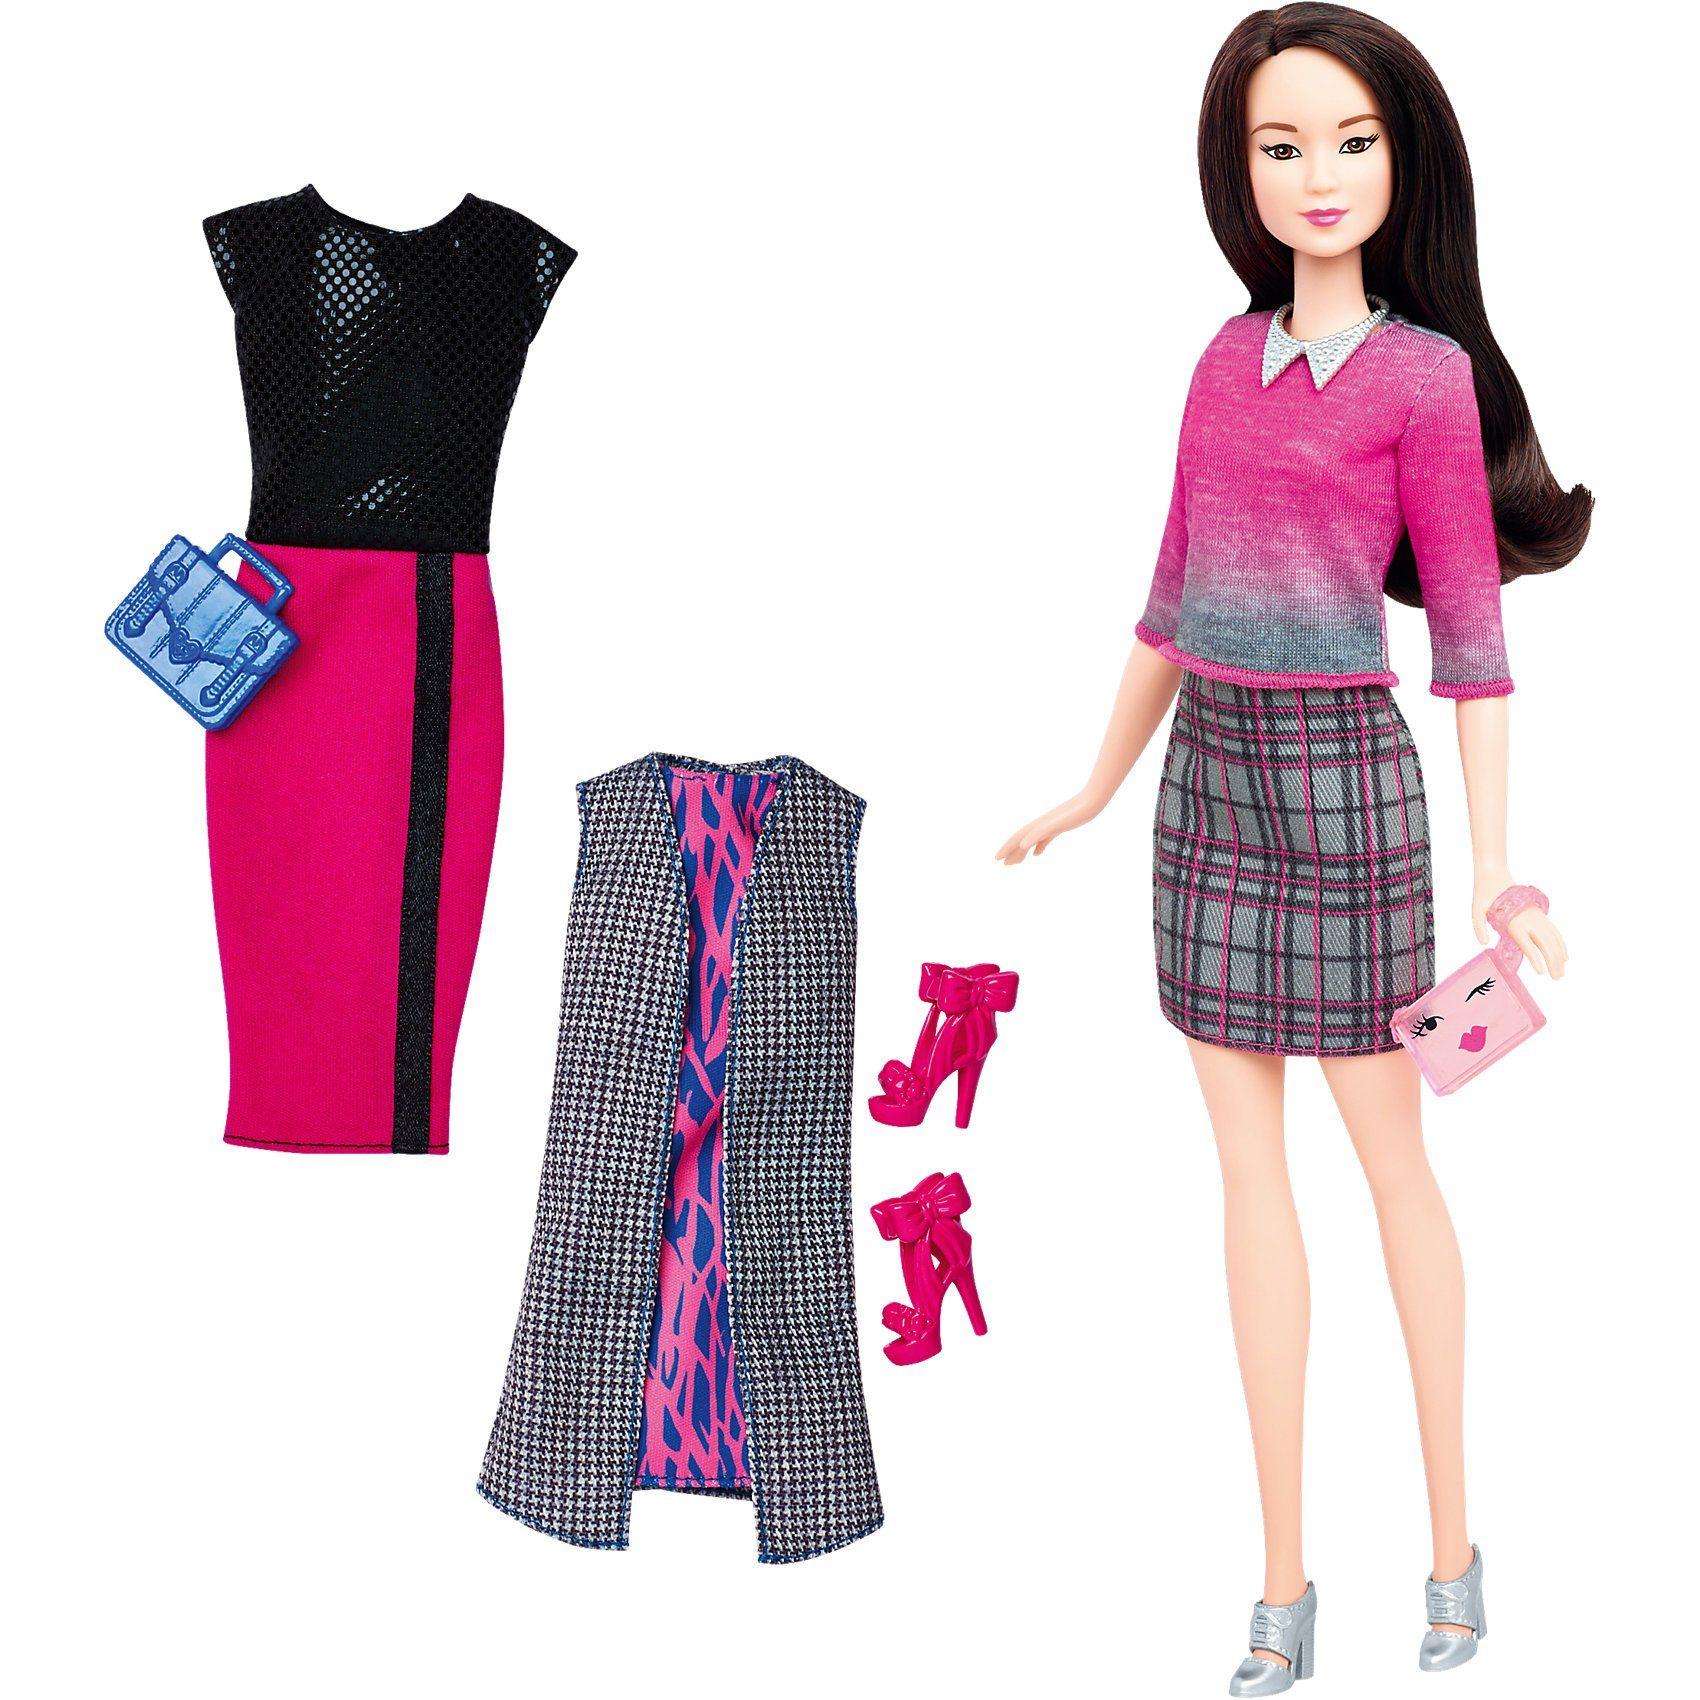 Mattel Barbie Fashionistas Style Puppe und Moden mit Karo-Rock